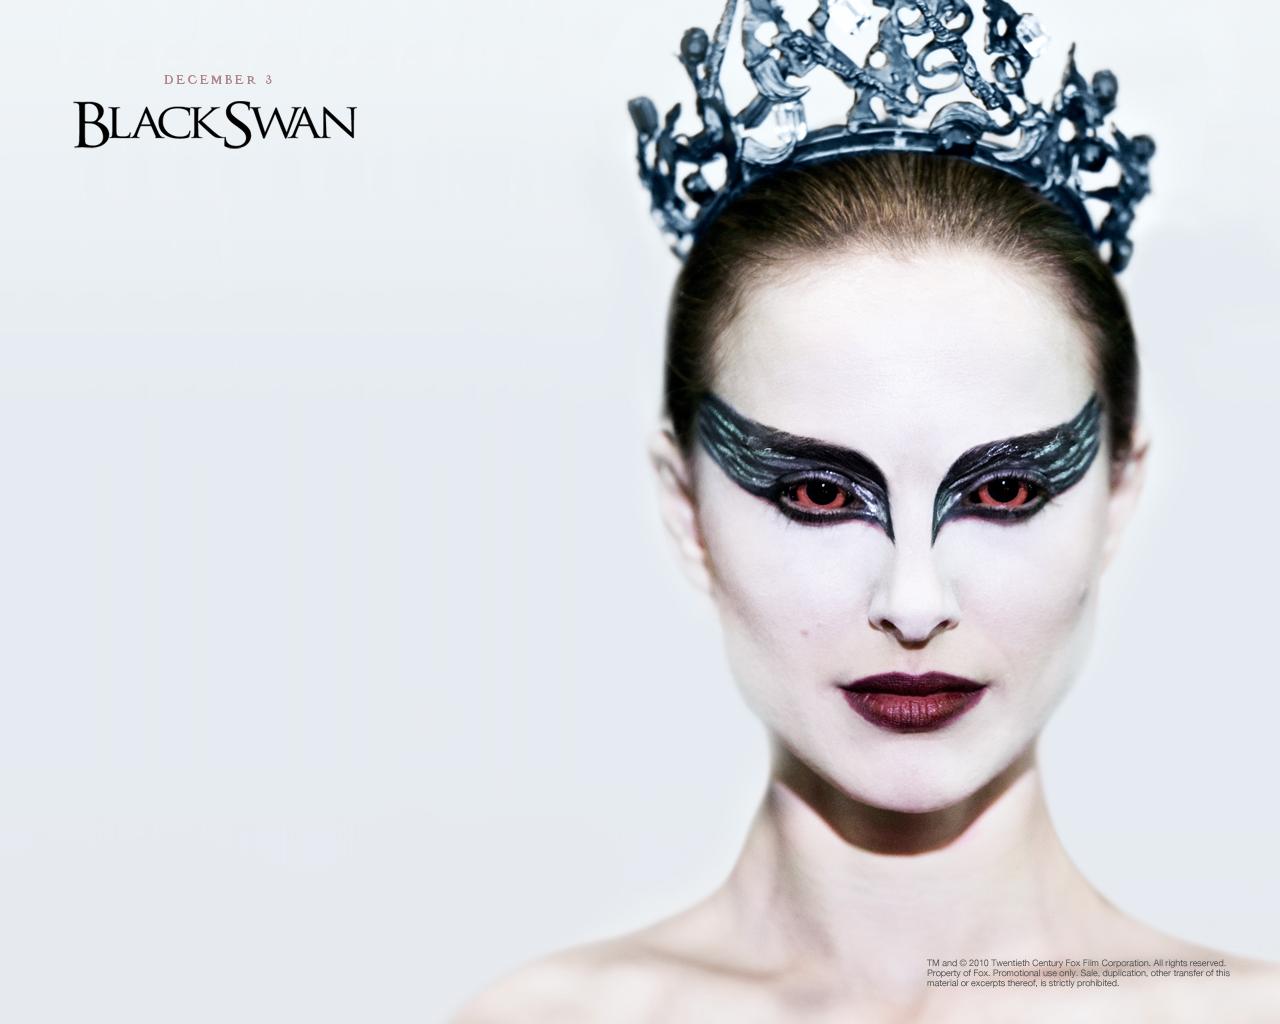 http://3.bp.blogspot.com/_ofOwkvFFhY4/TSxDQTiLQLI/AAAAAAAACEQ/dcffQiPHsx0/s1600/Natalie_Portman_in_Black_Swan_Wallpaper_1_1024.jpg